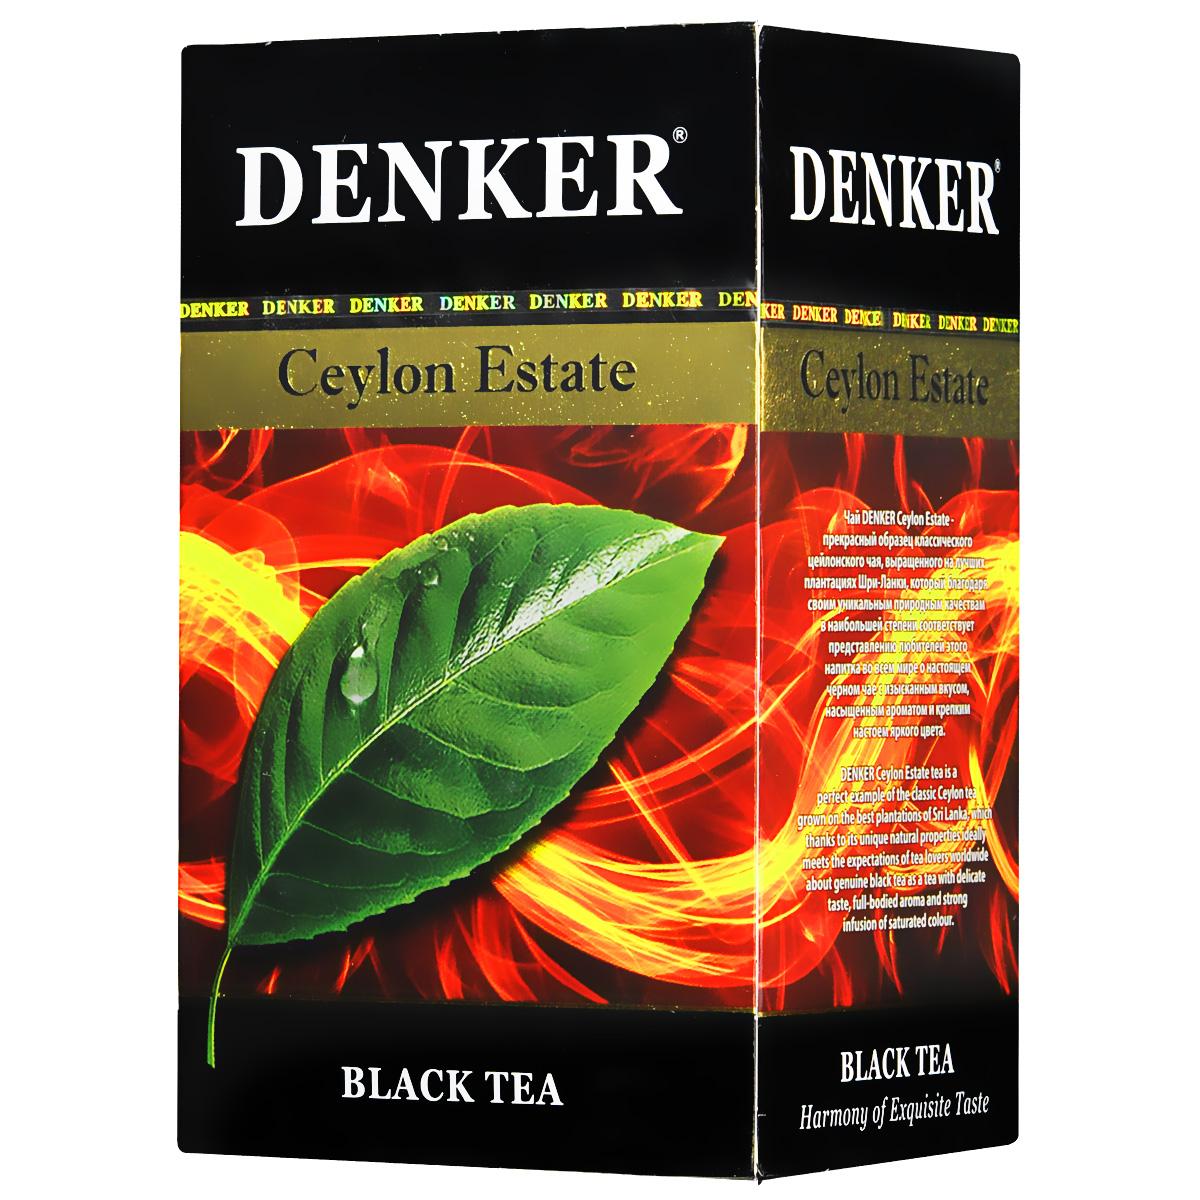 Denker Ceylon Estate черный чай в пакетиках, 20 шт1080001Denker Ceylon Estate - прекрасныйобразец классического цейлонского чая, выращенного на лучших плантациях Шри-Ланки, который благодаря своим уникальным природным качествам в наибольшей степени соответствует представлению любителей этого напитка во всем мире о настоящем черном чаес изысканным вкусом, насыщенного ароматом и крепким настоем яркого цвета.